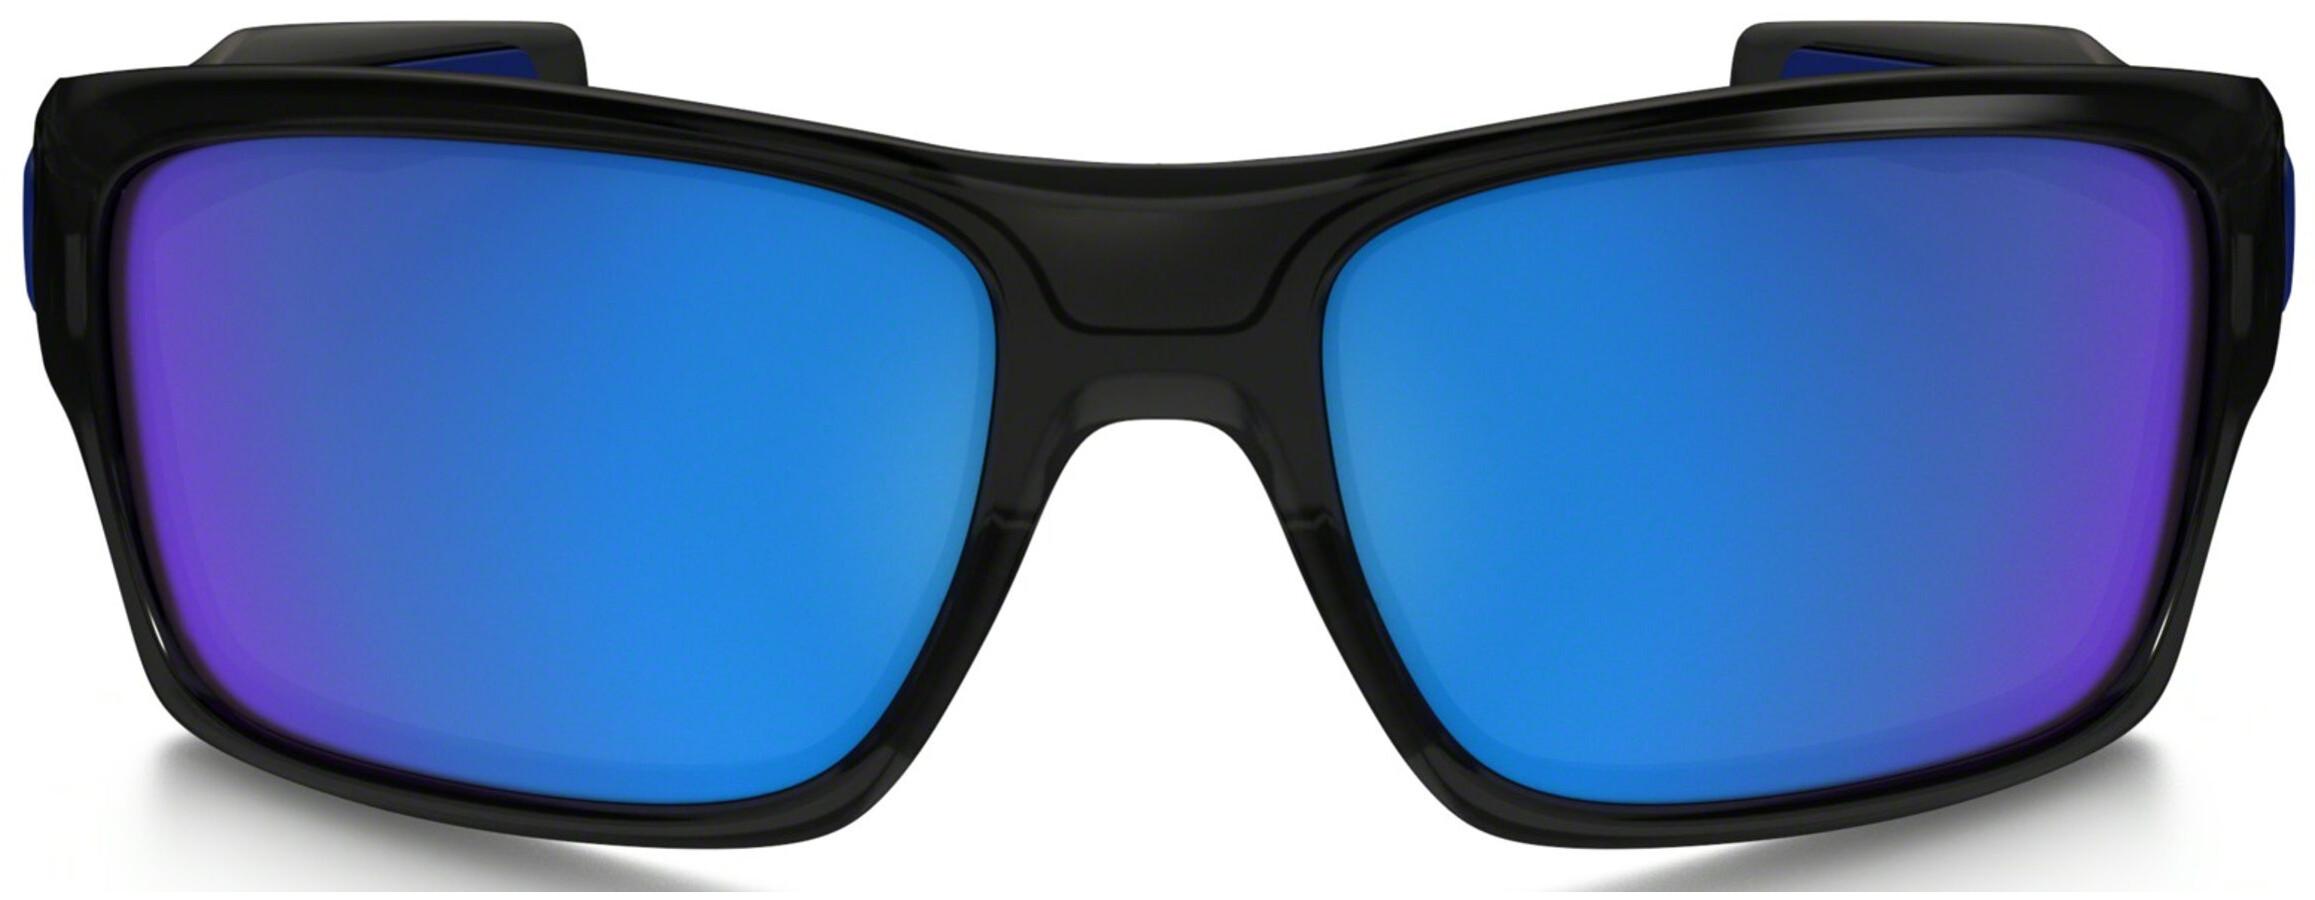 8701baa833 Oakley Turbine XS - Lunettes cyclisme - bleu/noir - Boutique de ...